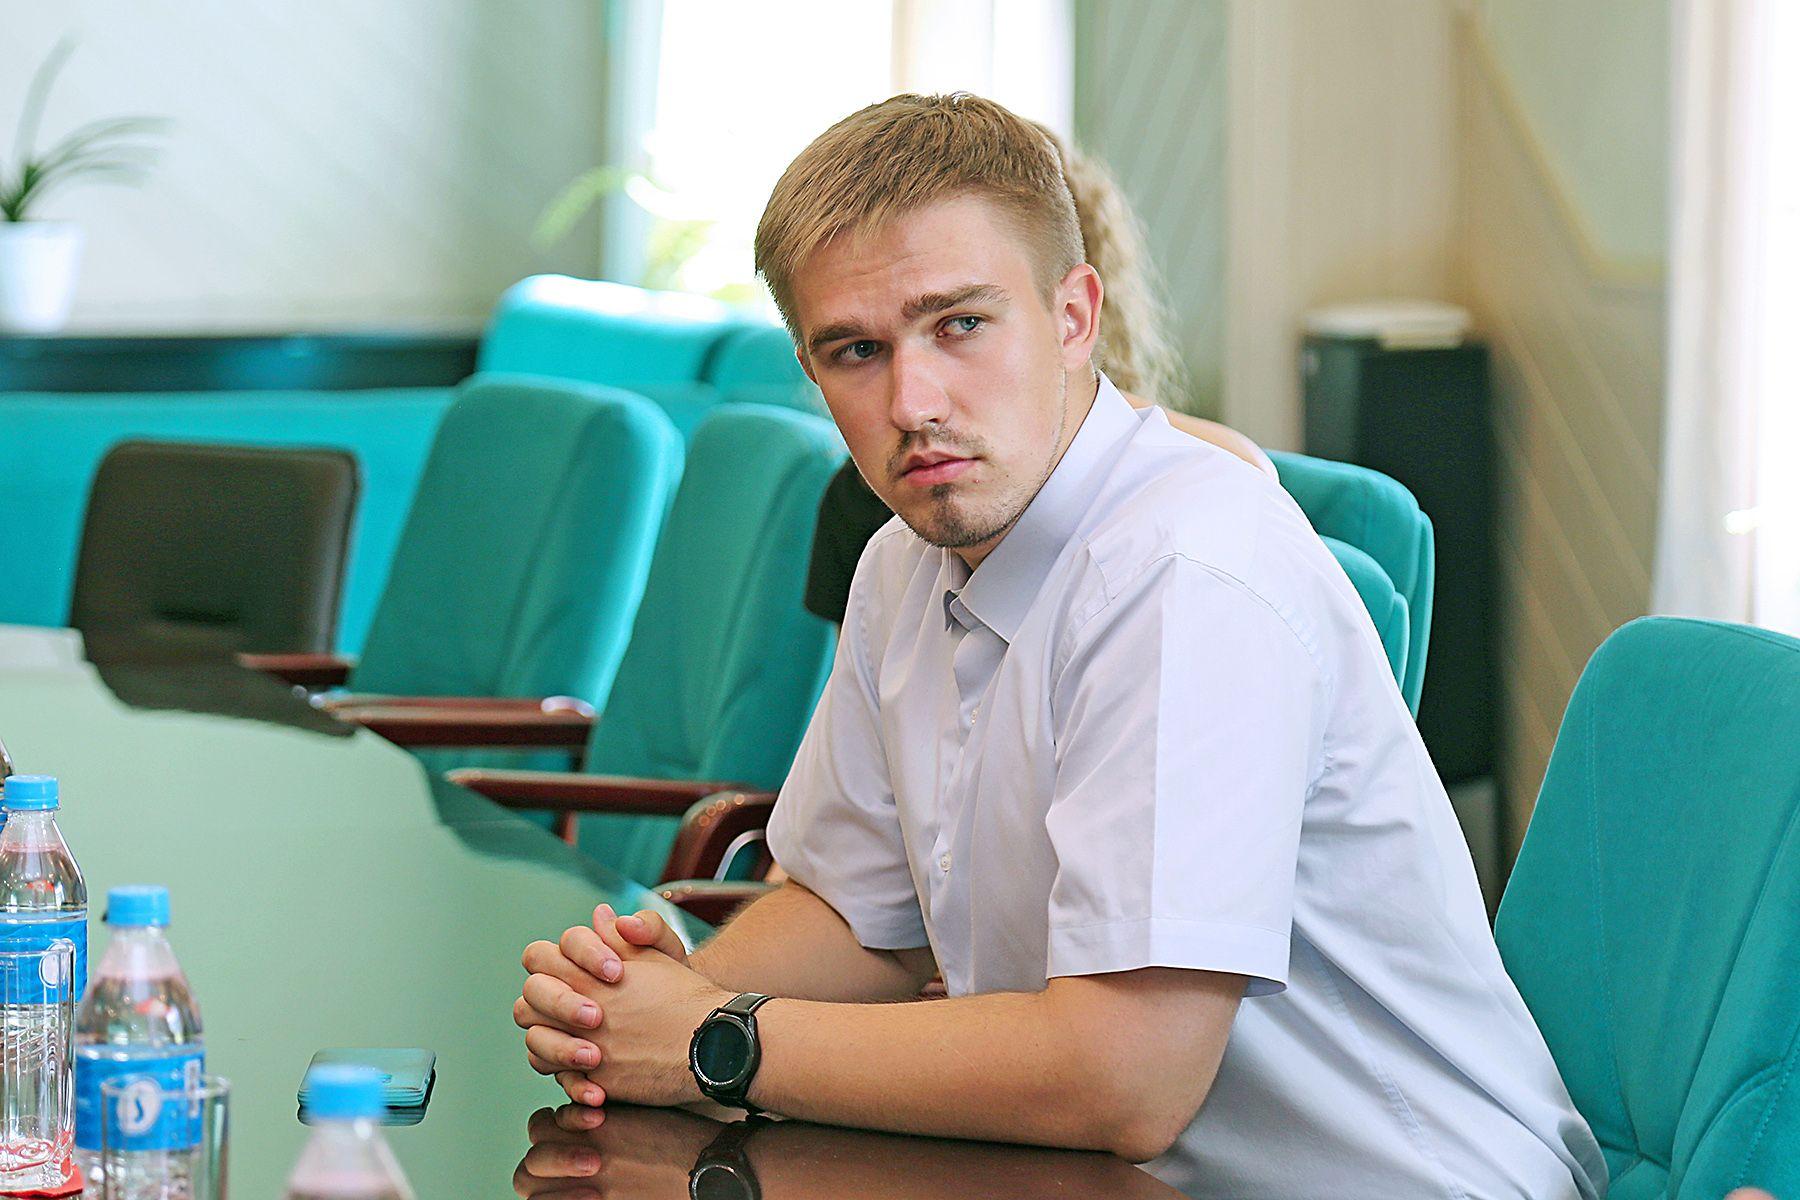 Крупнейший судостроительный завод АО «Восточная верфь» предложил выпускникам ВГУЭС трудоустройство после успешной практики